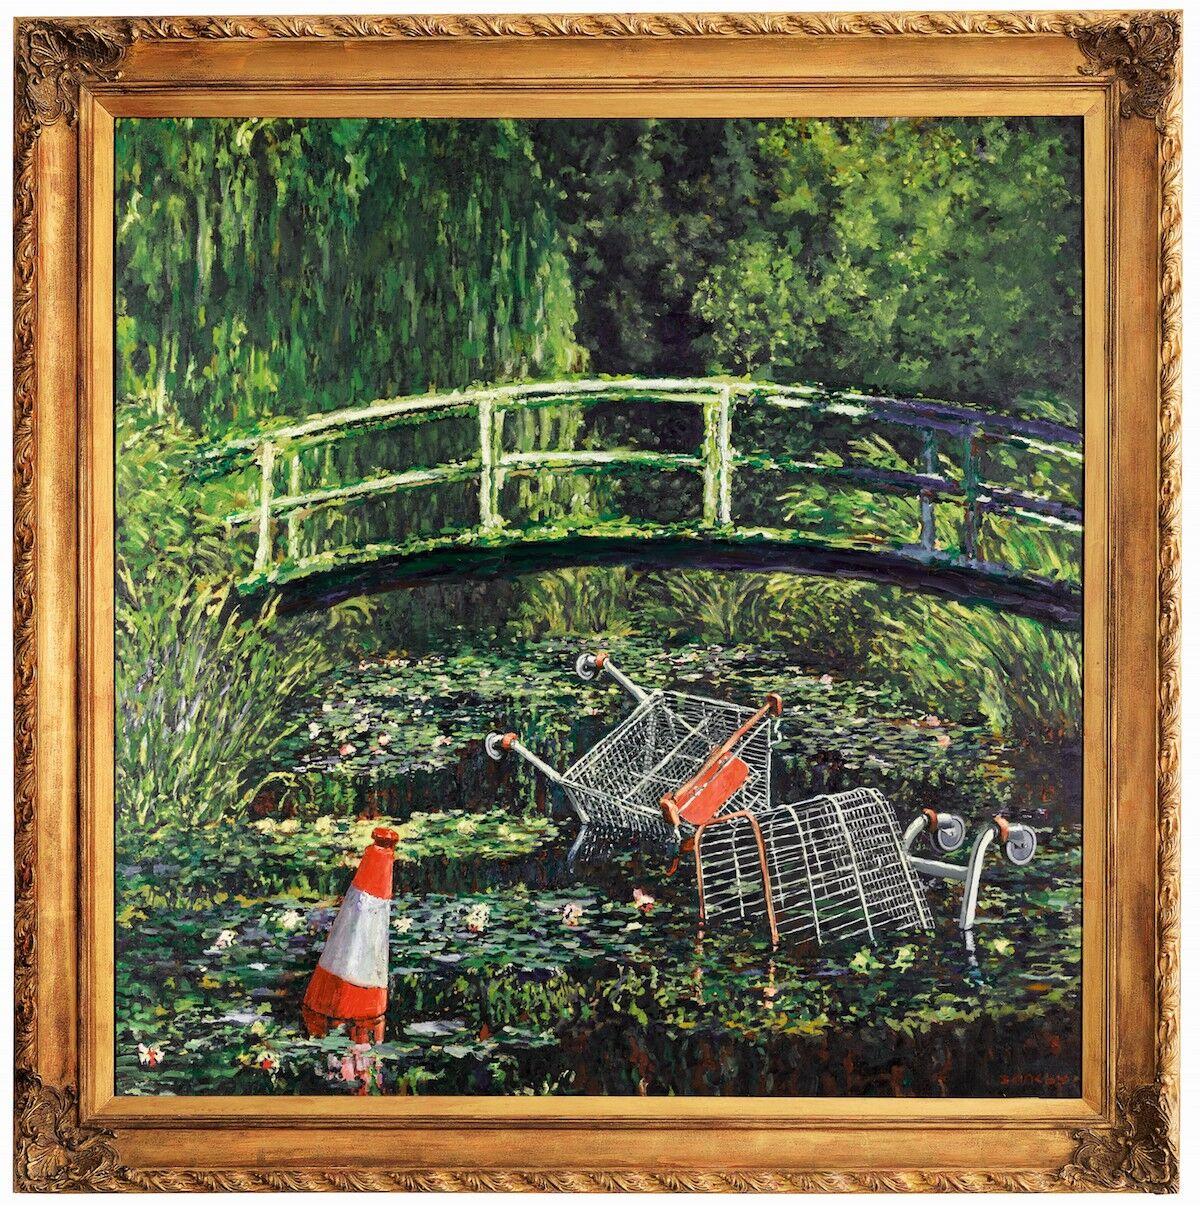 Banksy, Show me the Monet, 2005. Est. £3 million–5 million ($3.8 million–6.4 million). Courtesy Sotheby's.